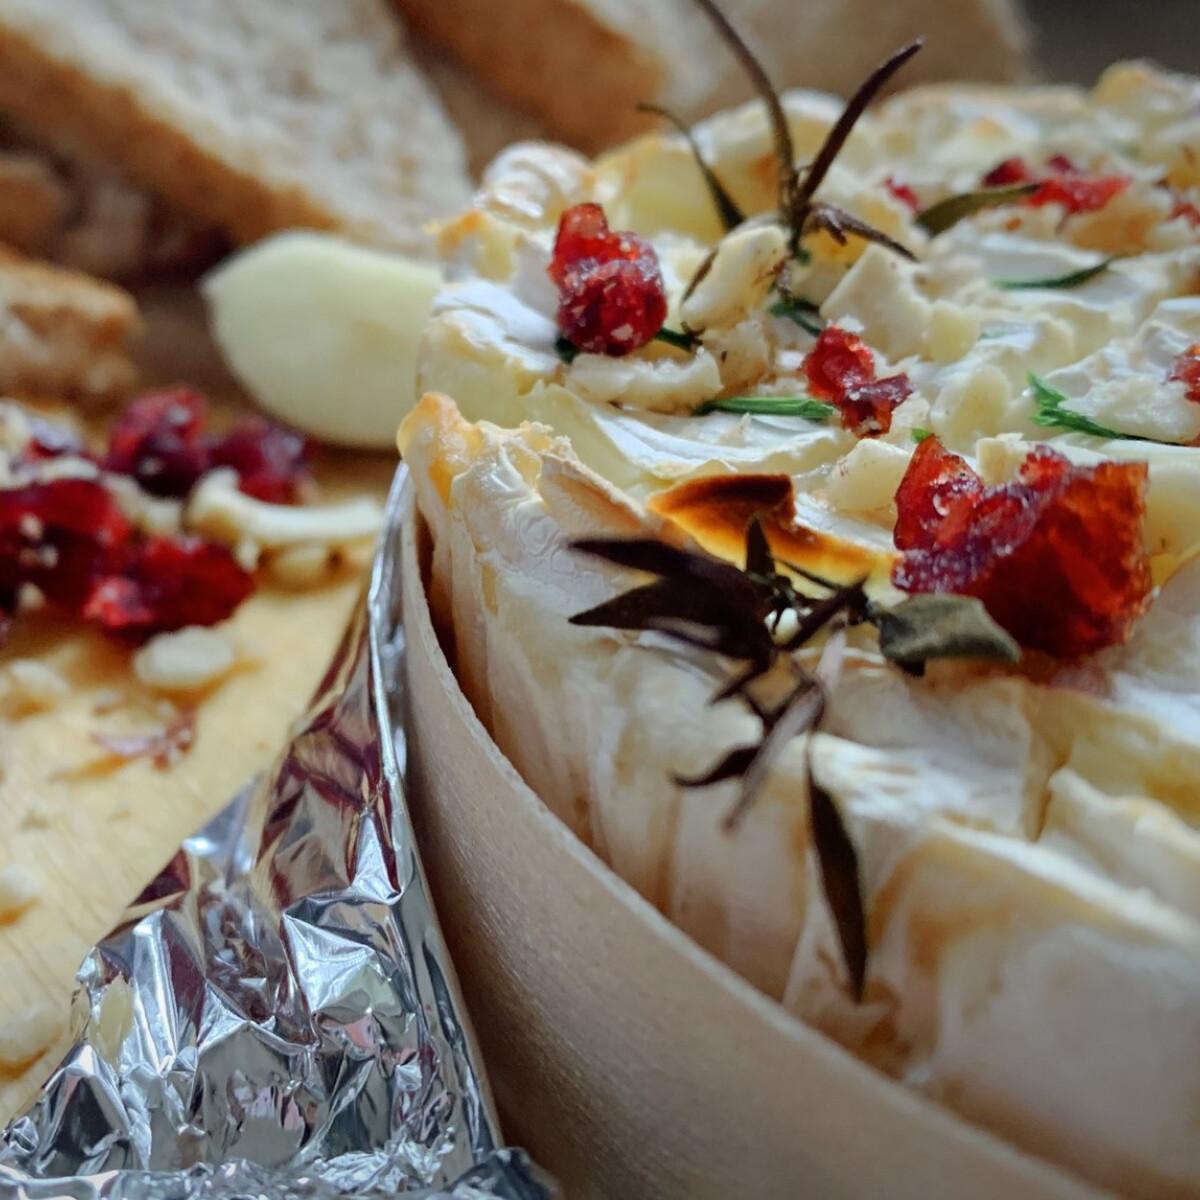 Ezen a képen: Sült camembert vörösáfonyával és diókkal